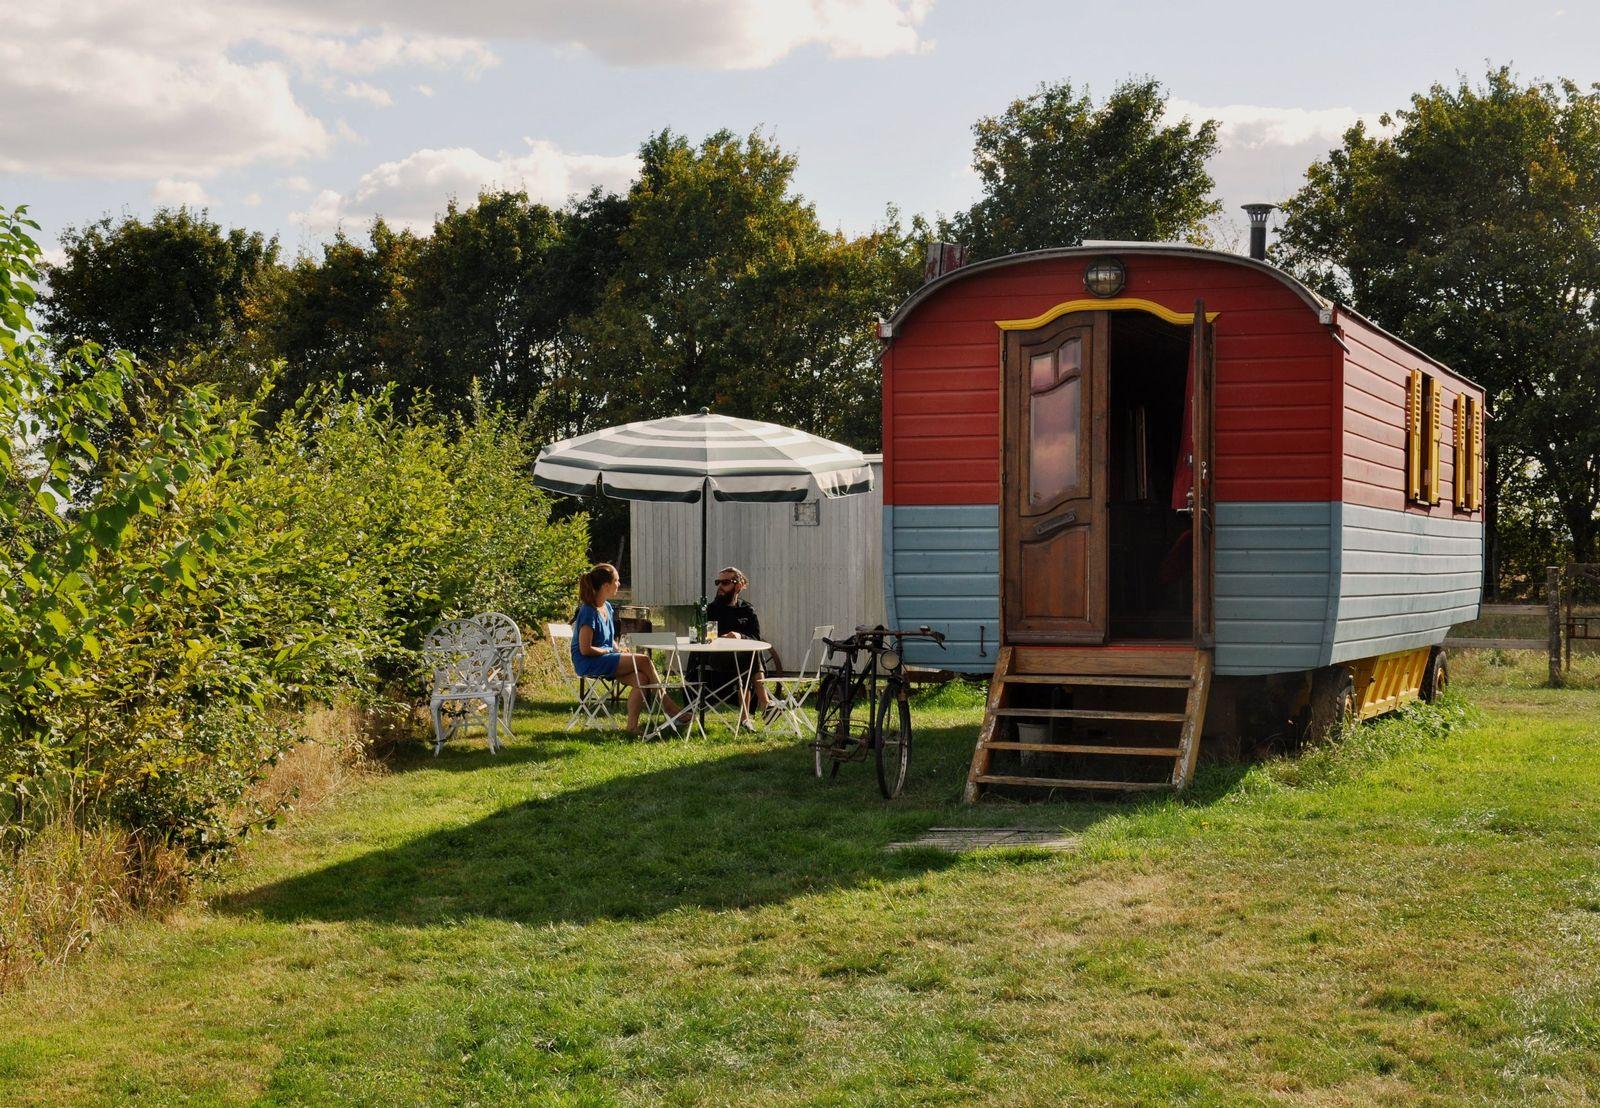 La roulotte et son salon de jardin